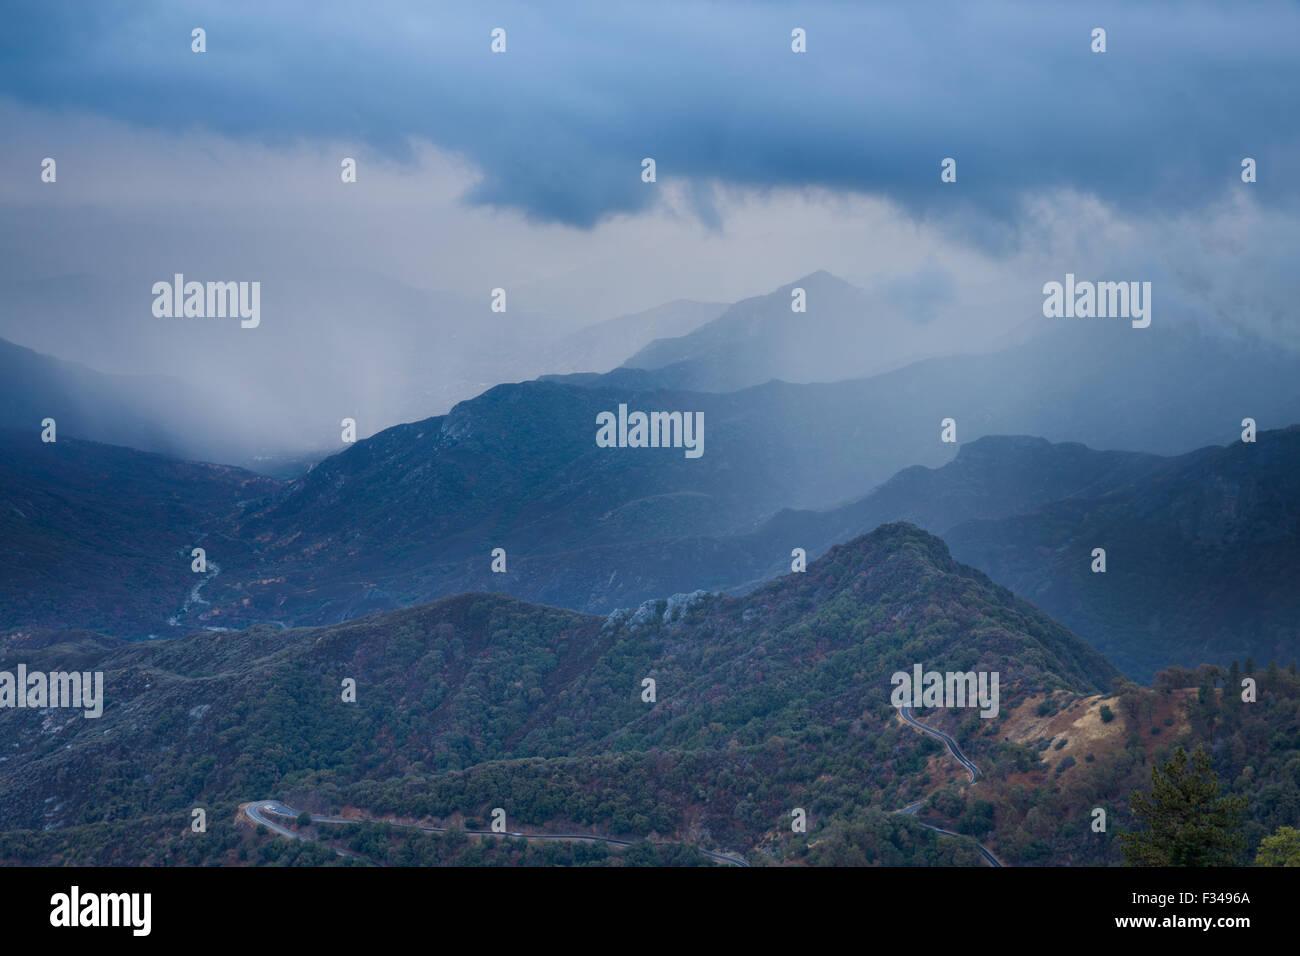 El Valle Kaweah, Sequoia National Park, California, EE.UU. Imagen De Stock